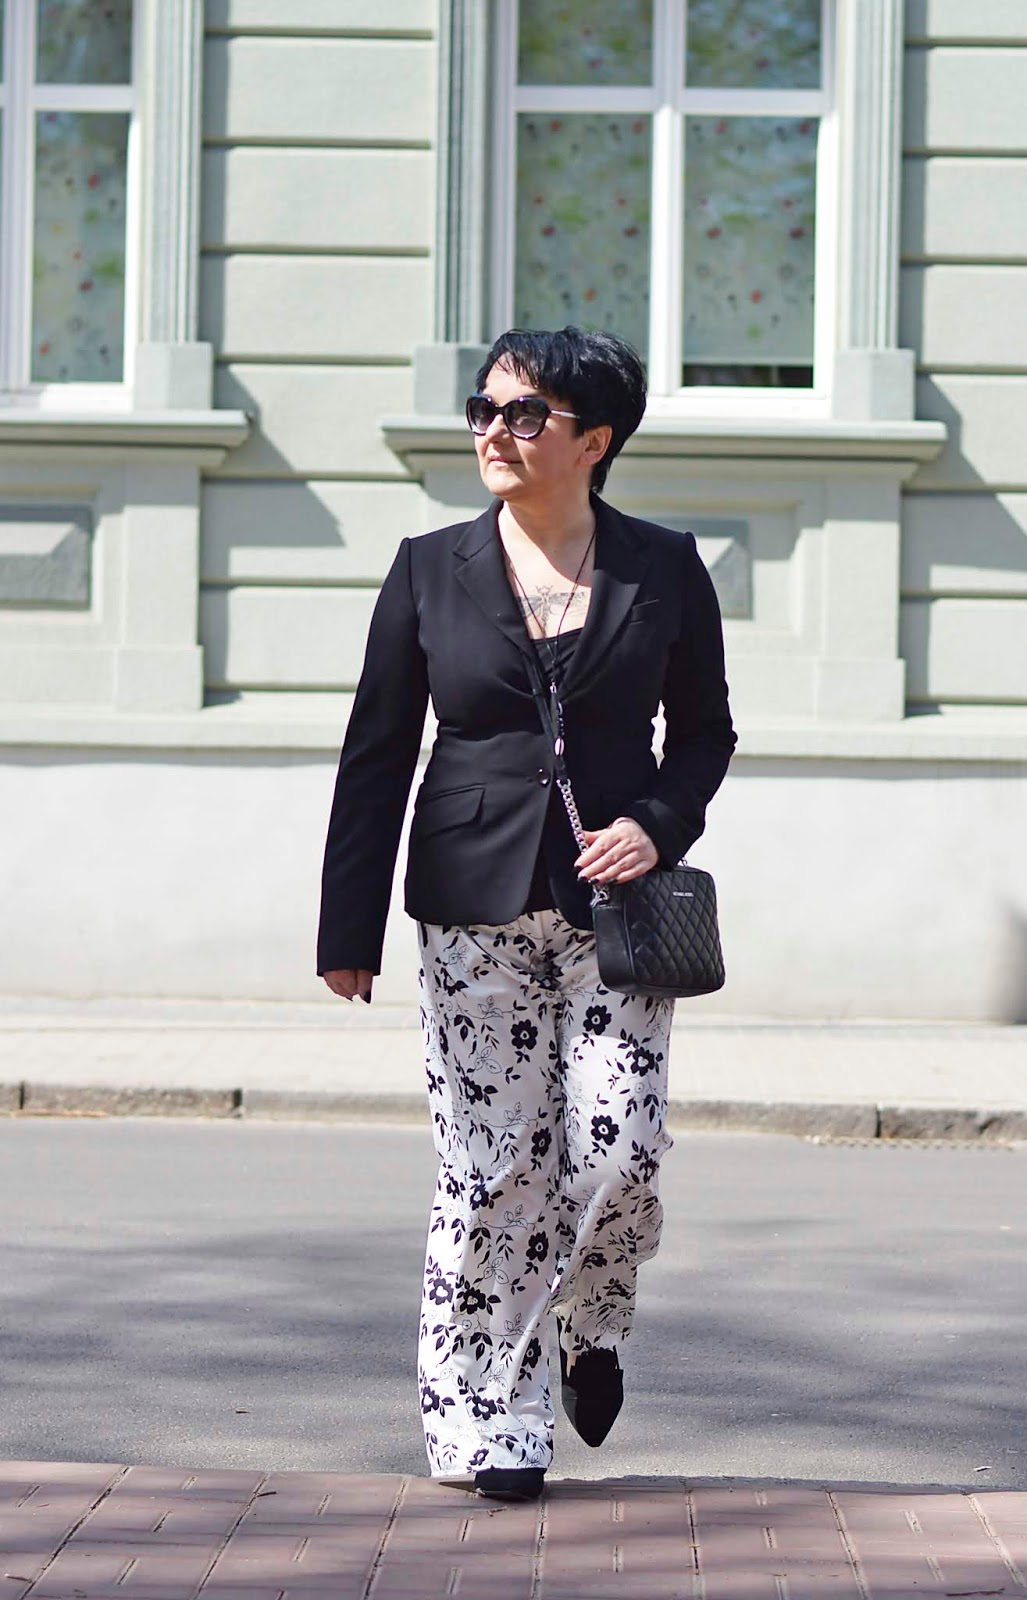 Spodnie Piżamowe z Żakietem  Pajamas Pants with Jacket